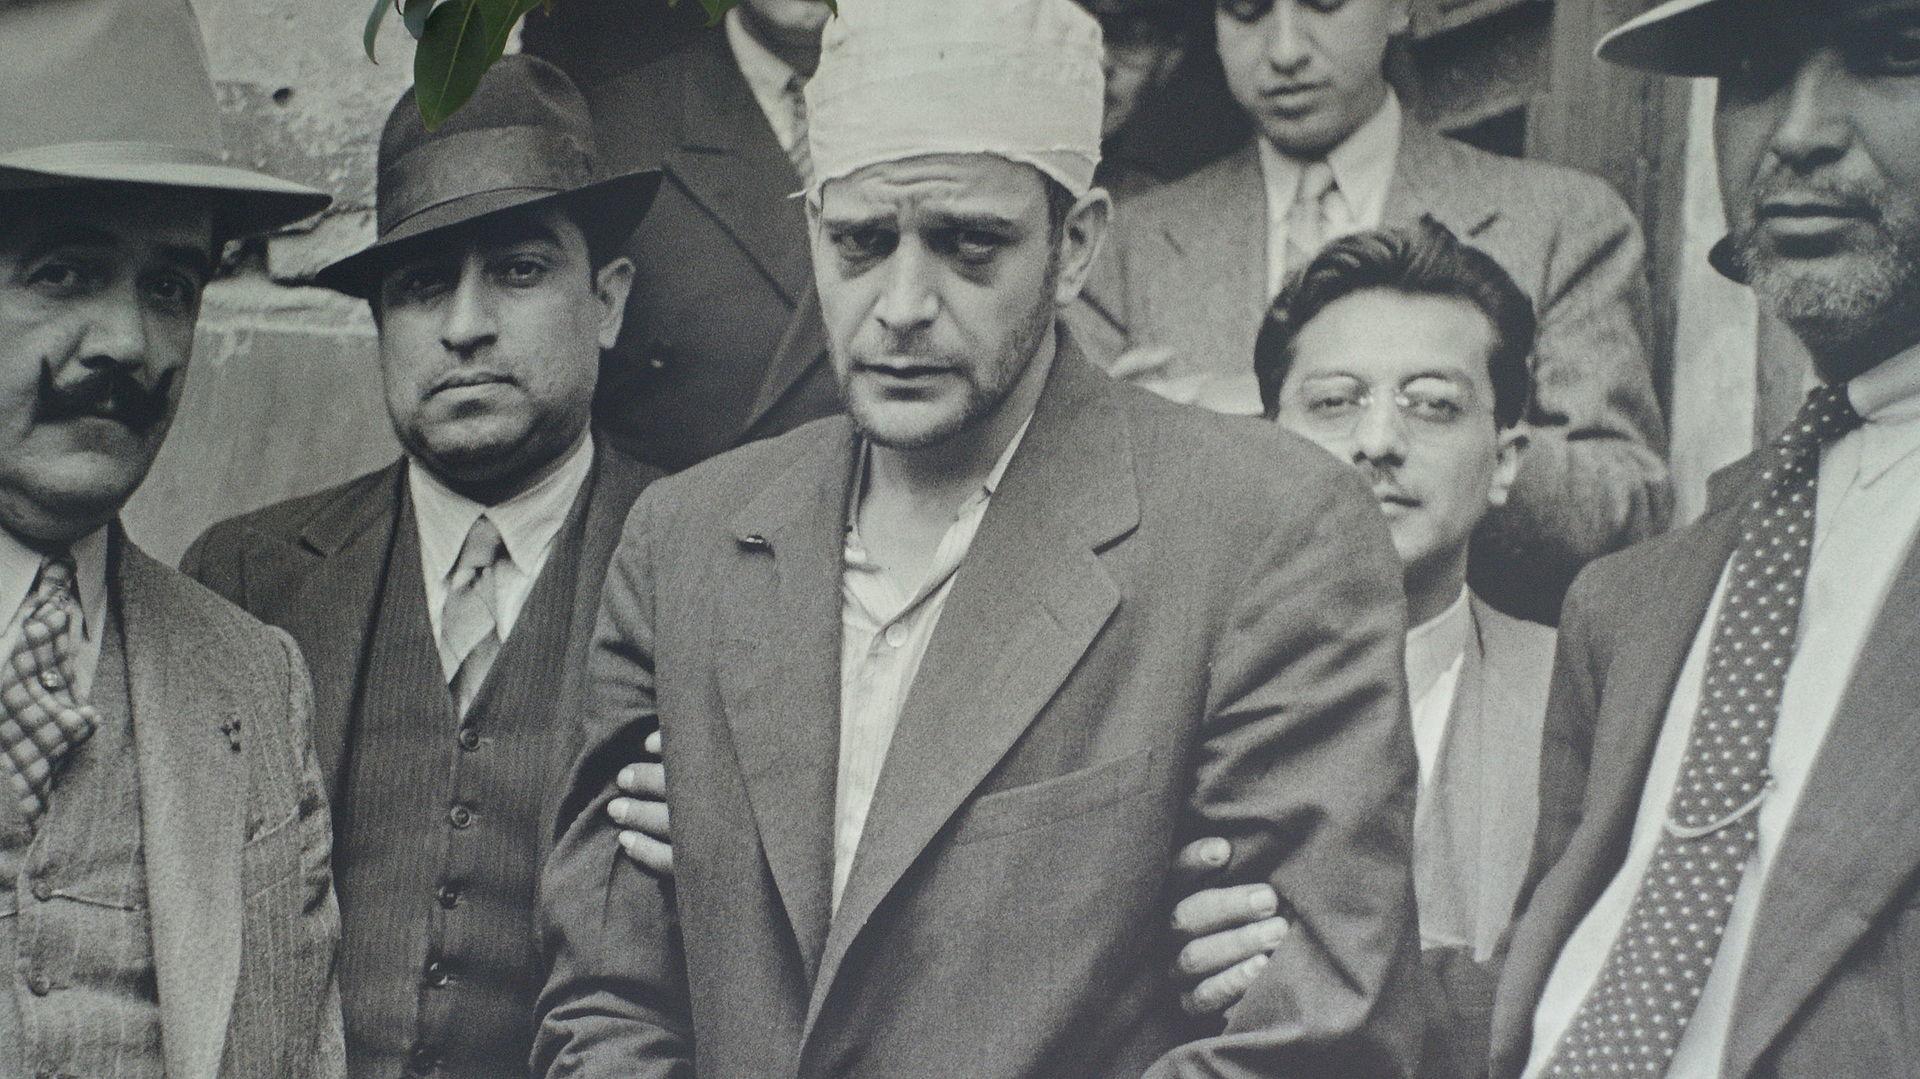 逮捕直後のメルカデル(1940年8月)